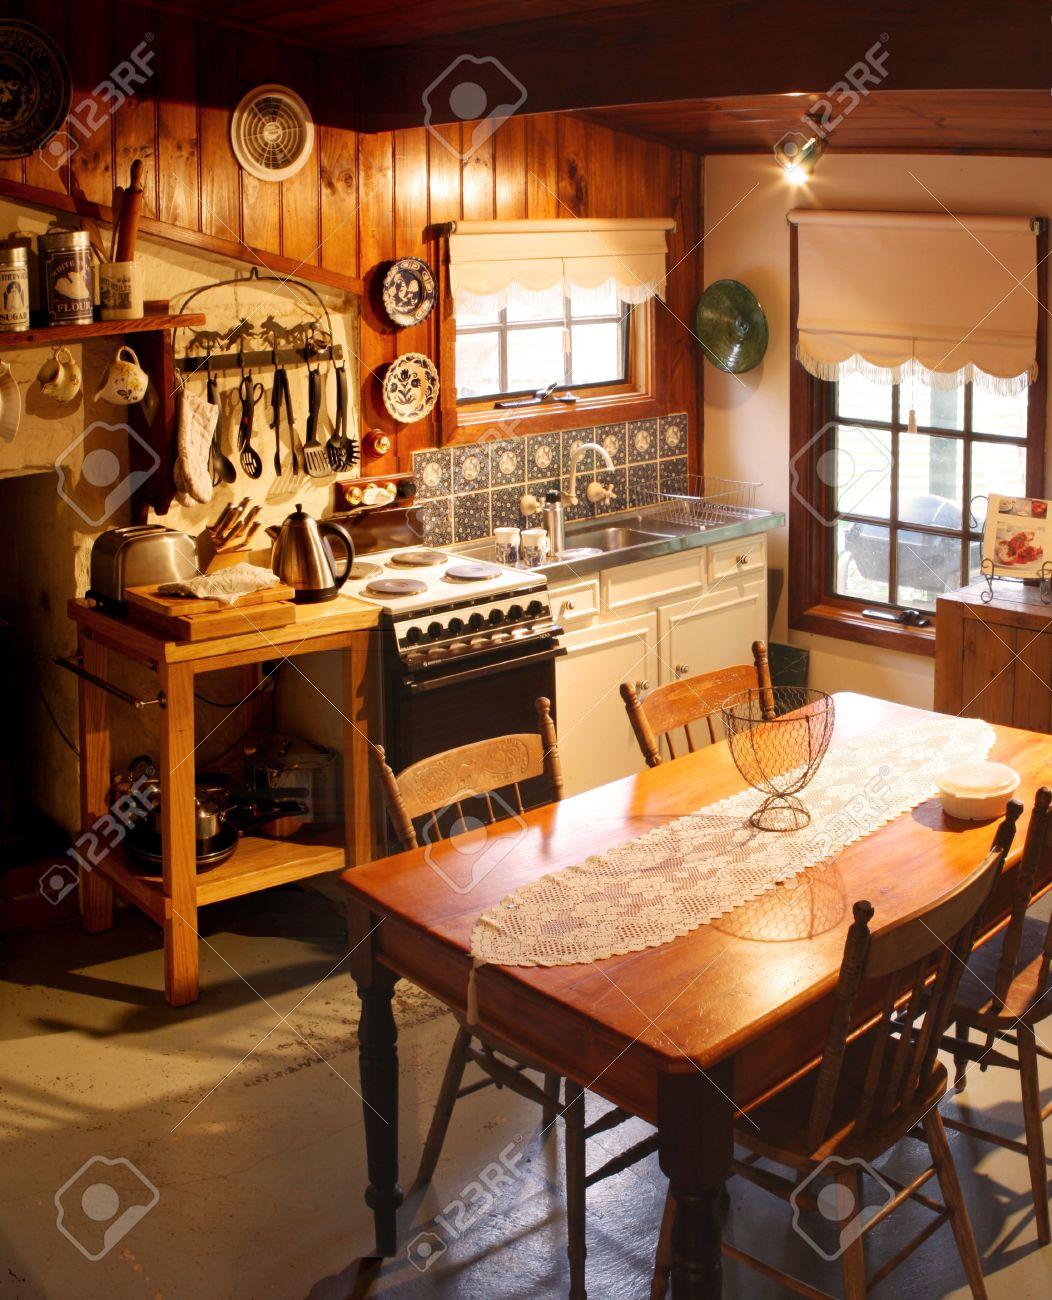 Küche Eines Alten Hütte Küche, Liebevoll Restauriert. Das Haus Wurde ...